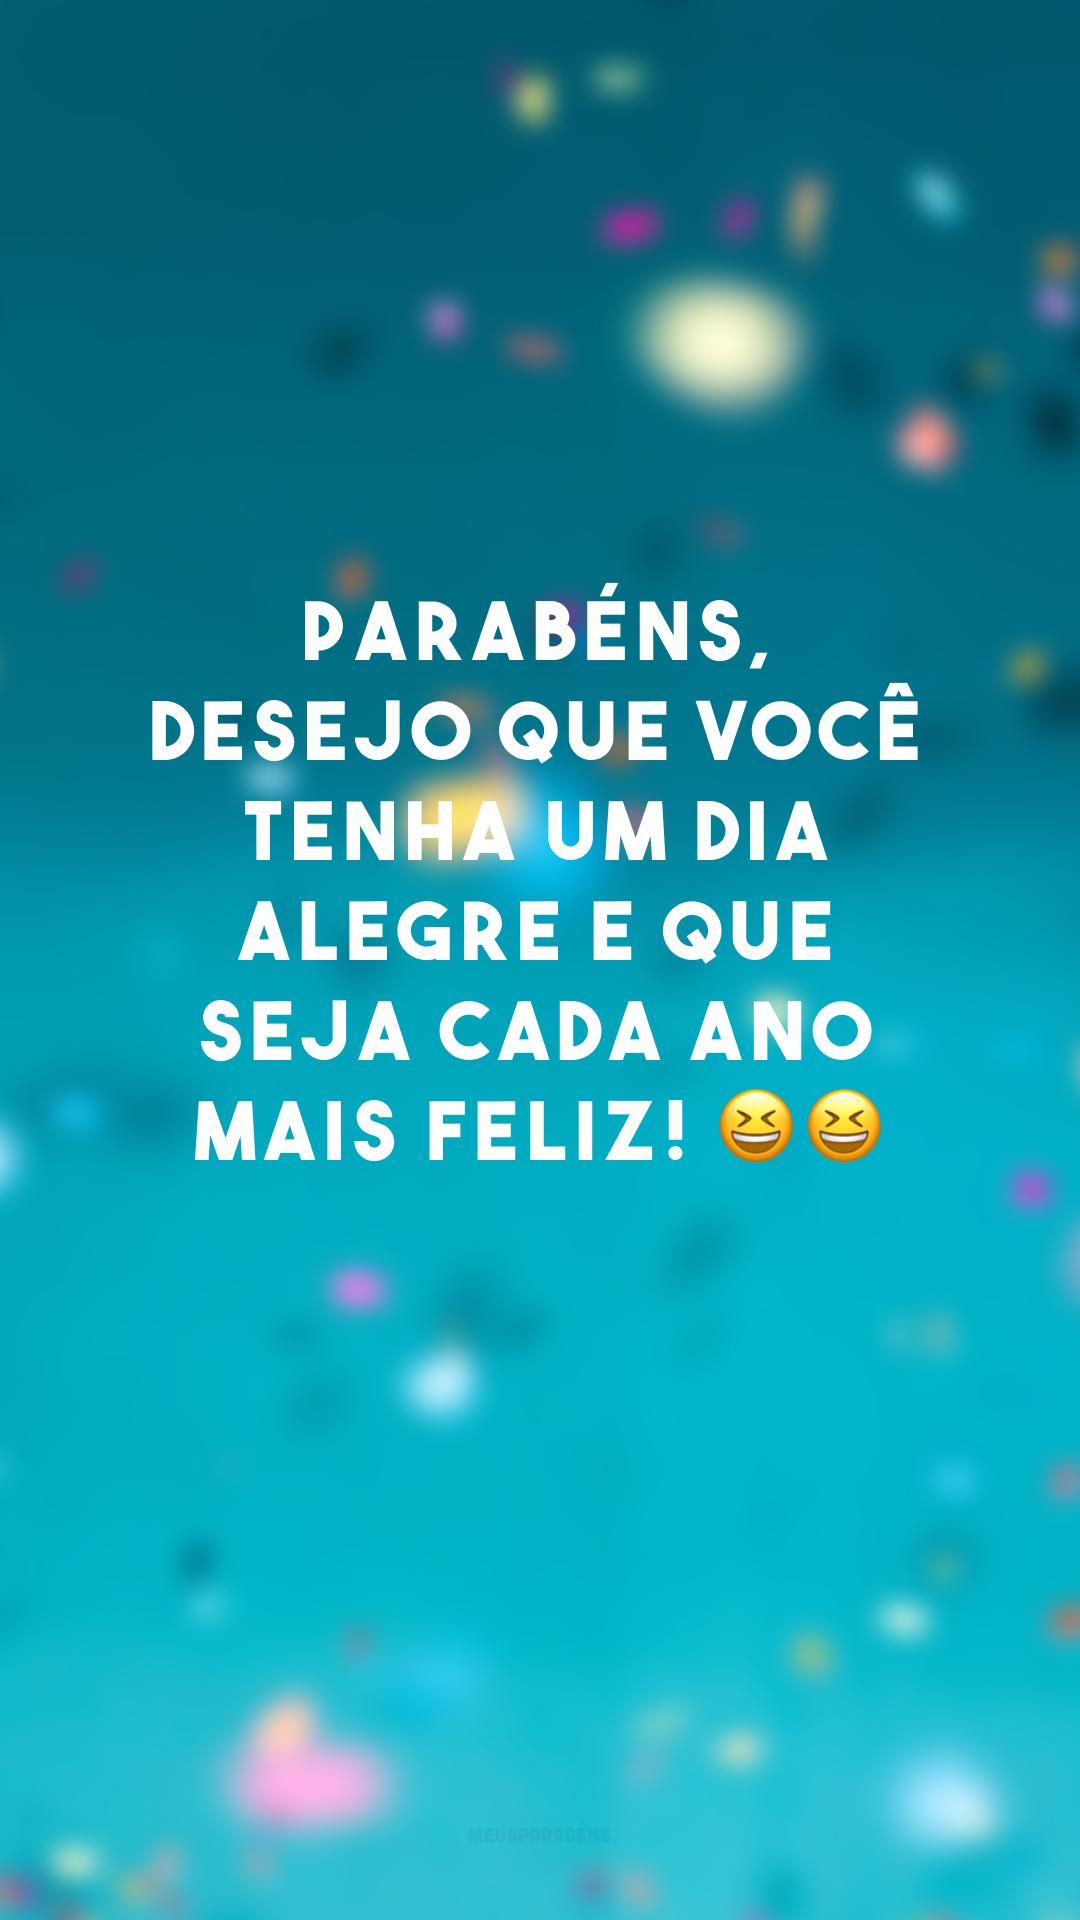 Parabéns, desejo que você tenha um dia alegre e que seja cada ano mais feliz! 😆😆